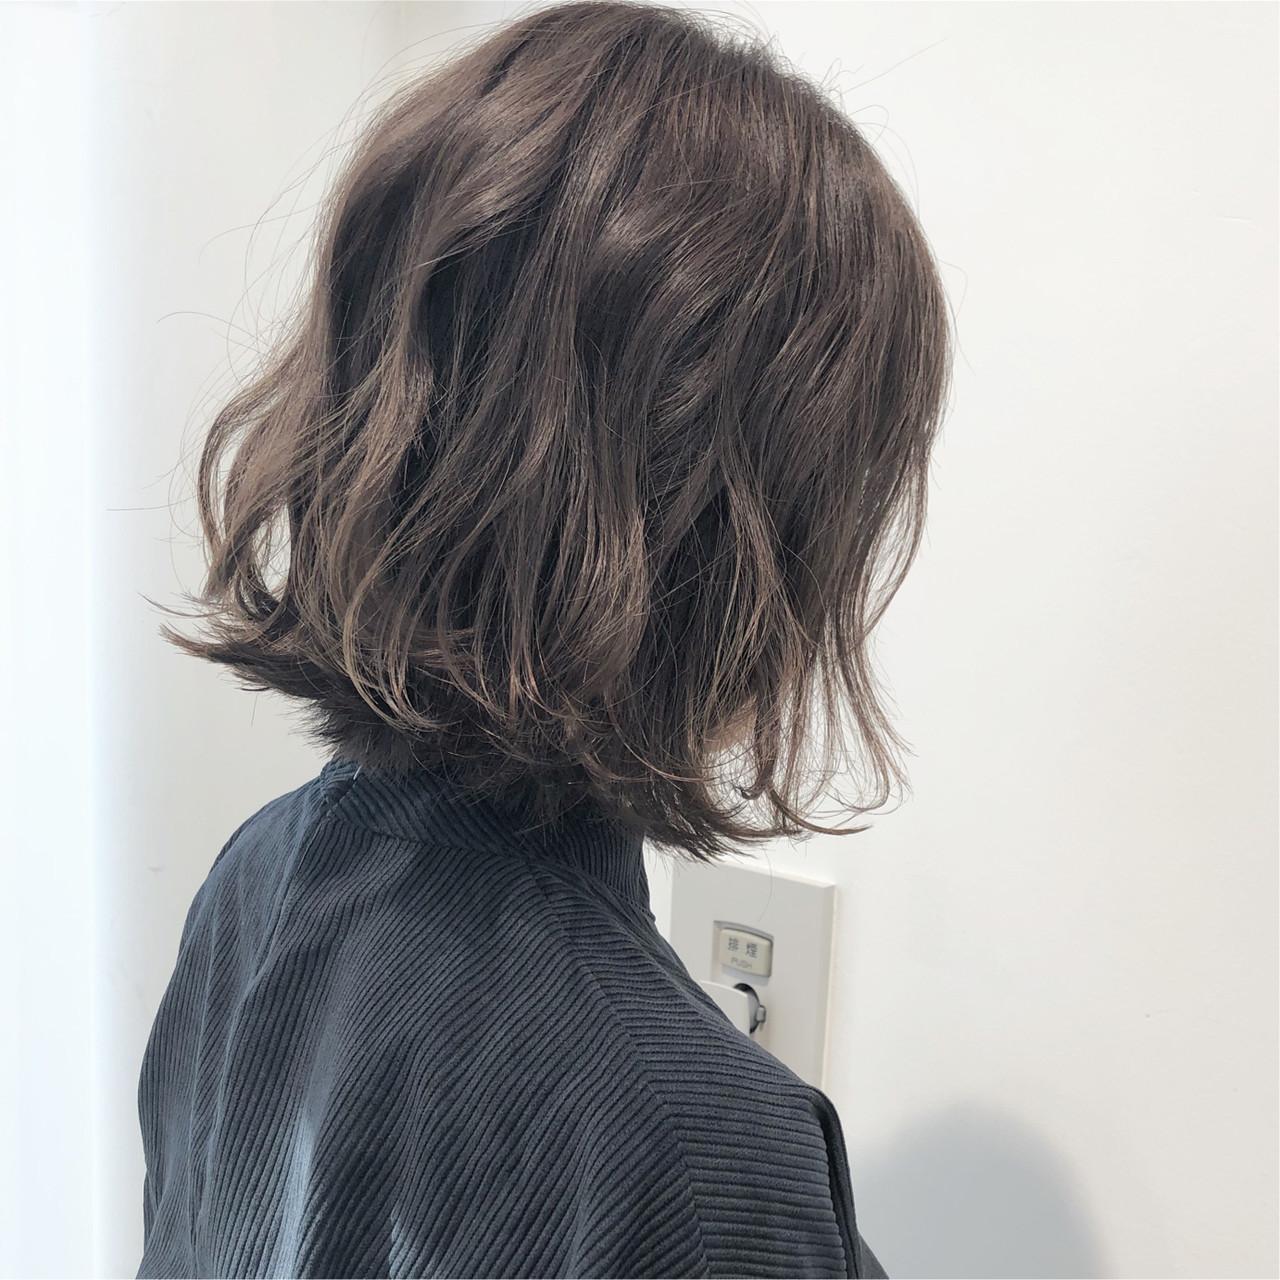 ナチュラル グレージュ アンニュイほつれヘア ハイライト ヘアスタイルや髪型の写真・画像